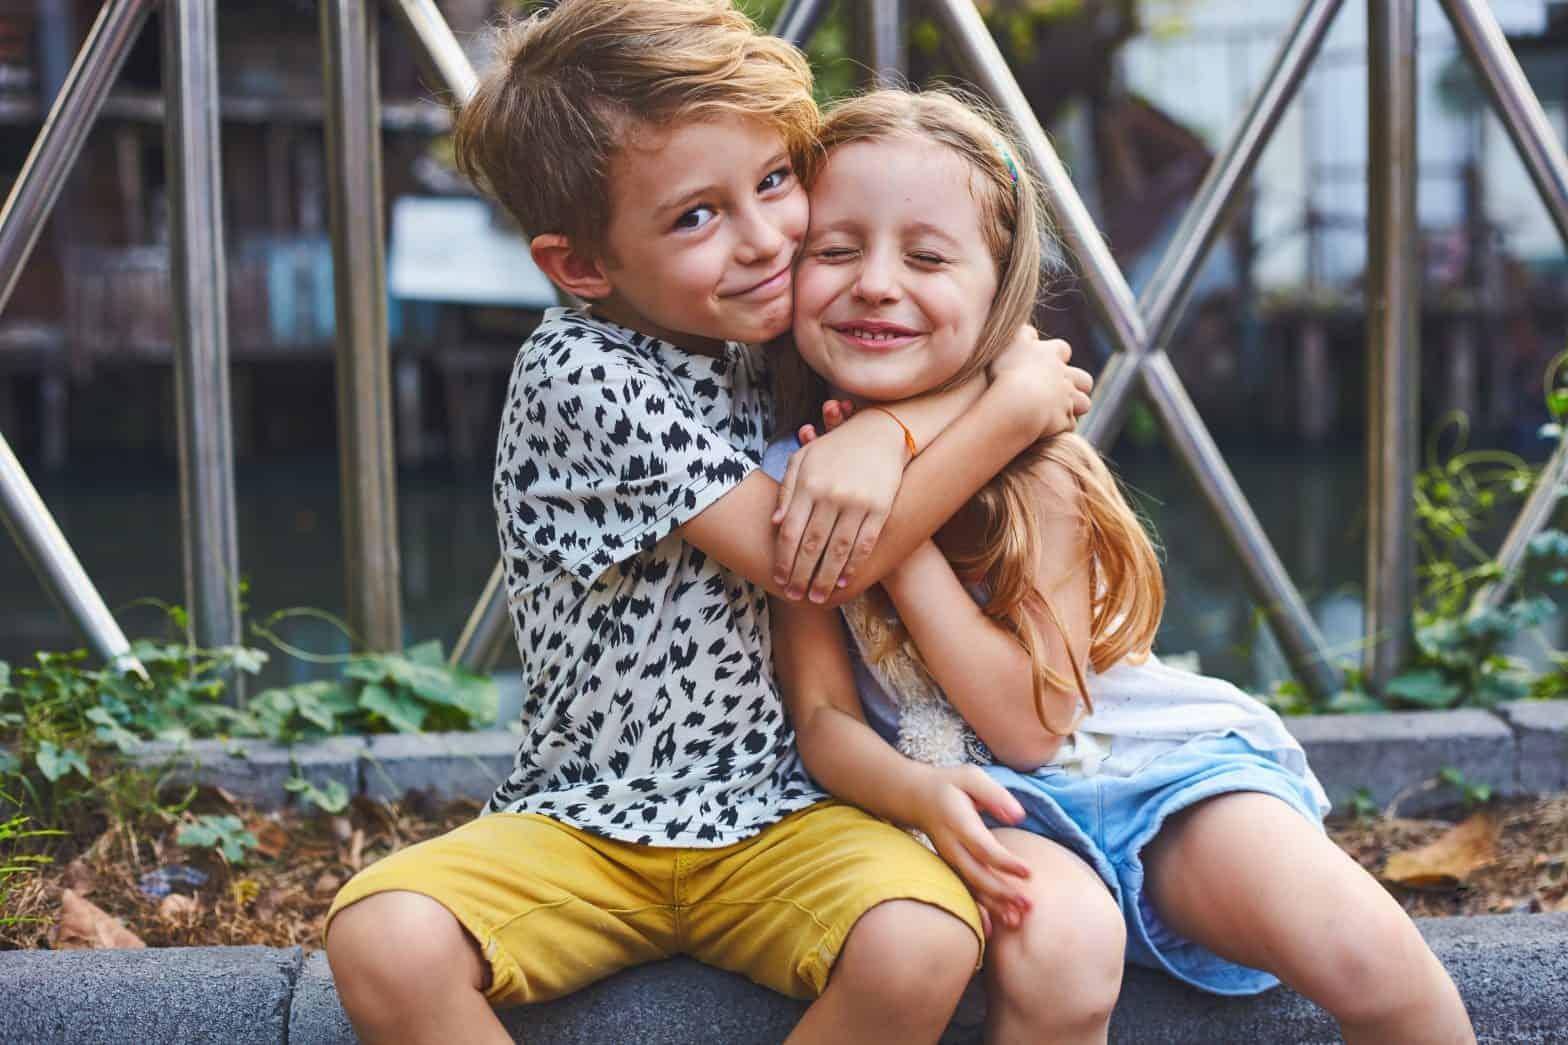 Éducation bienveillante : Tu rêves de développer une relation harmonieuse et durable avec tes enfants ? 3